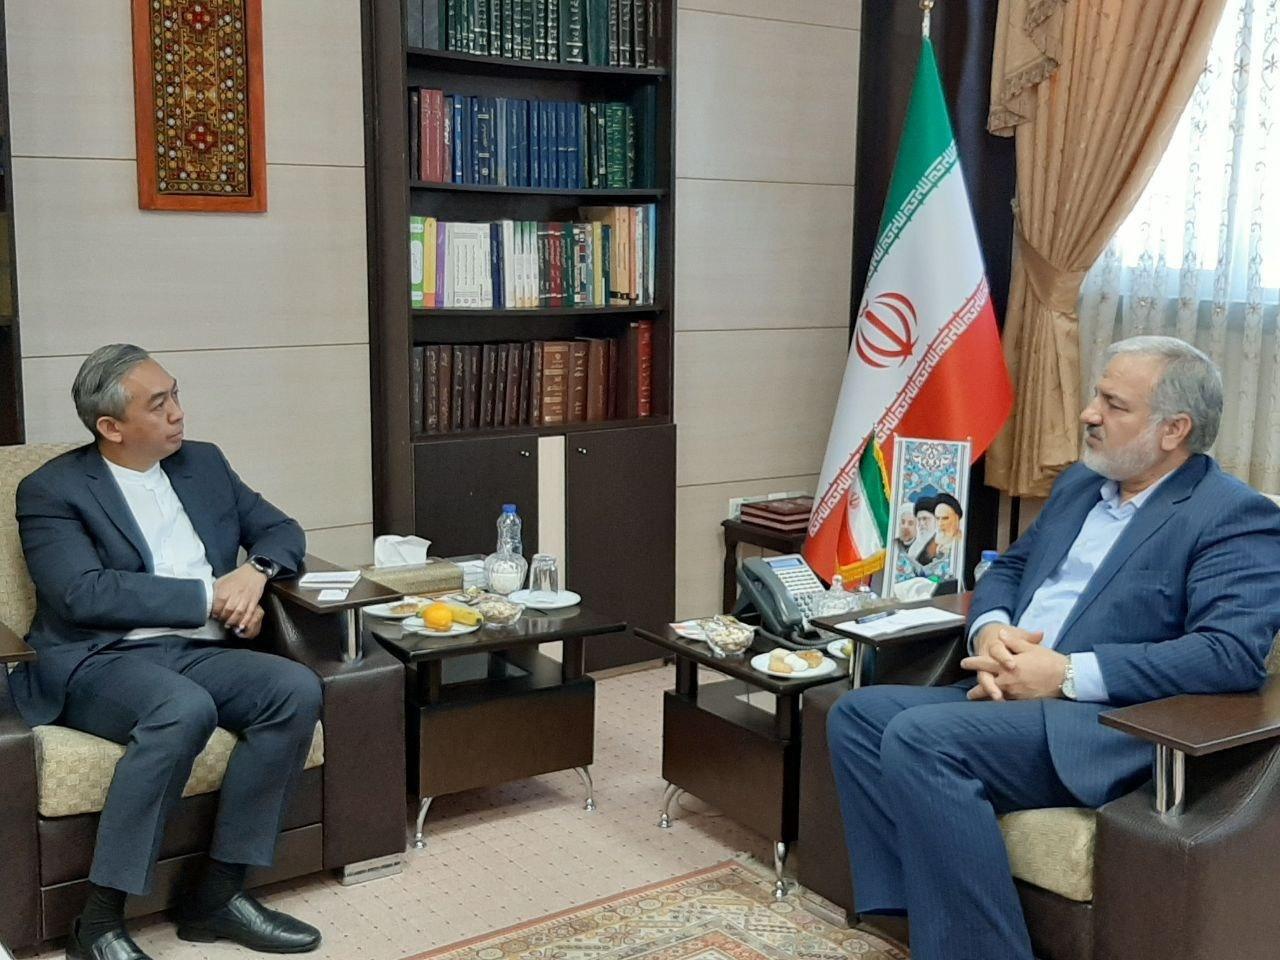 دیدار سفیر اندونزی با استاندار سیستان و بلوچستان